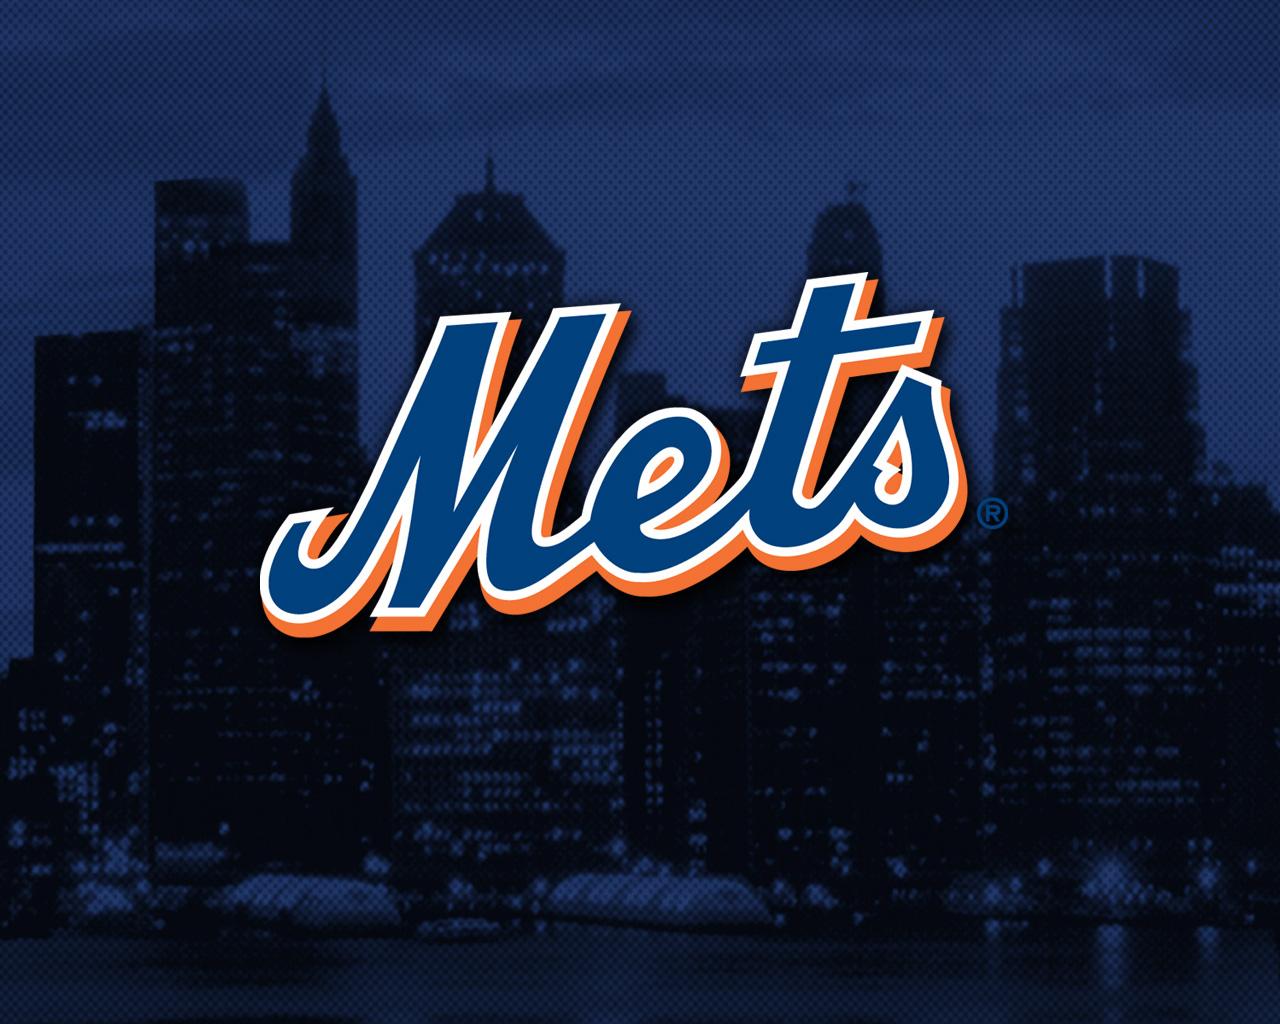 Download New York Mets wallpaper Mets New York Logo 1280x1024